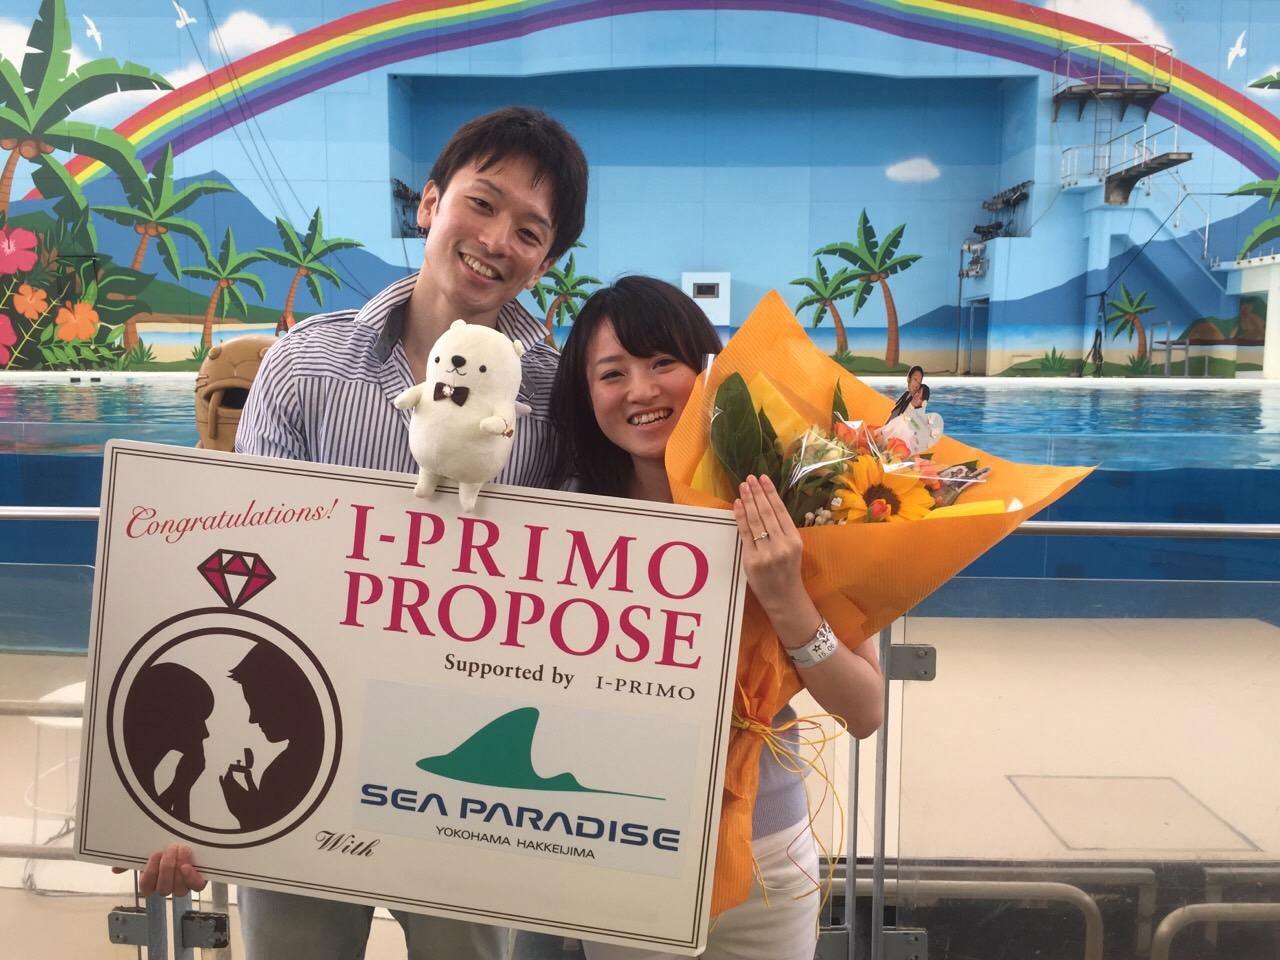 アシカのリッキーが大活躍!海の動物たちも総出で祝福してくれた「シーパラプロポーズ!」